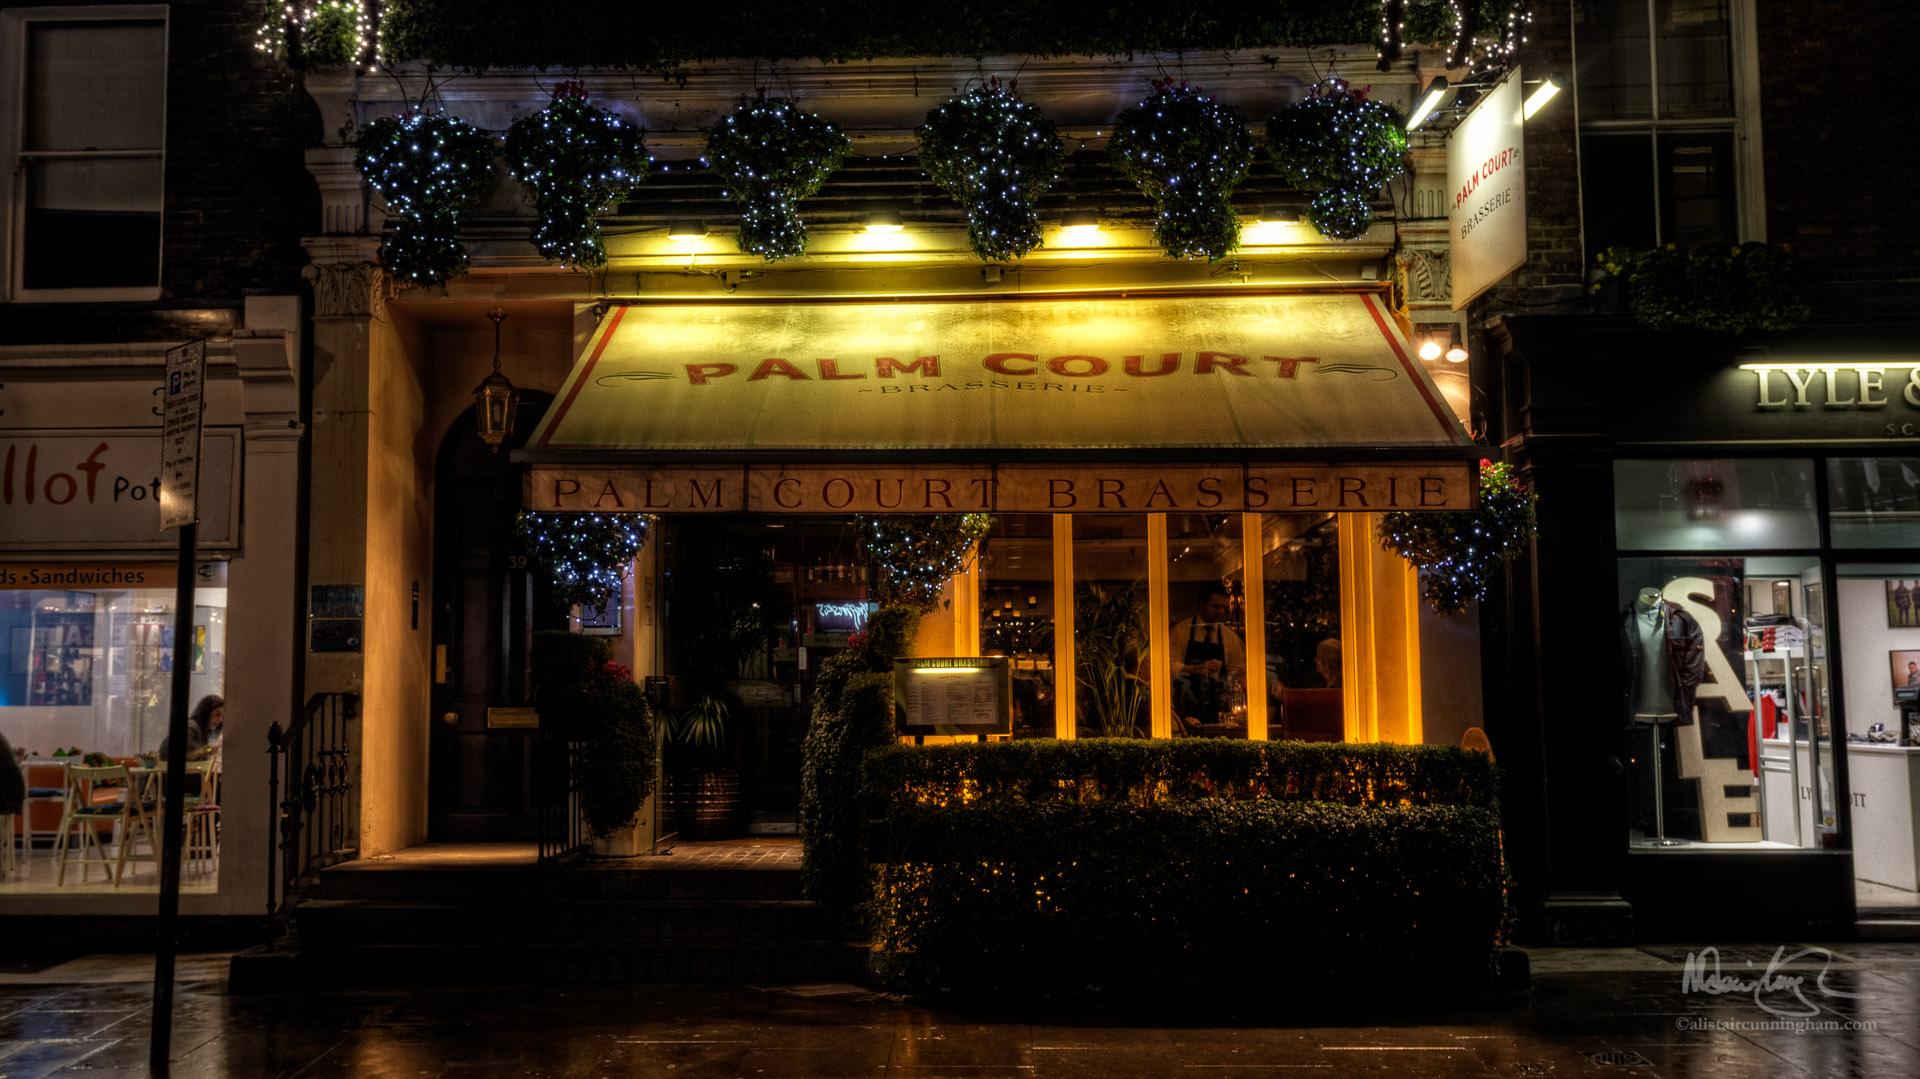 Palm Court Brasserie, Covent Garden